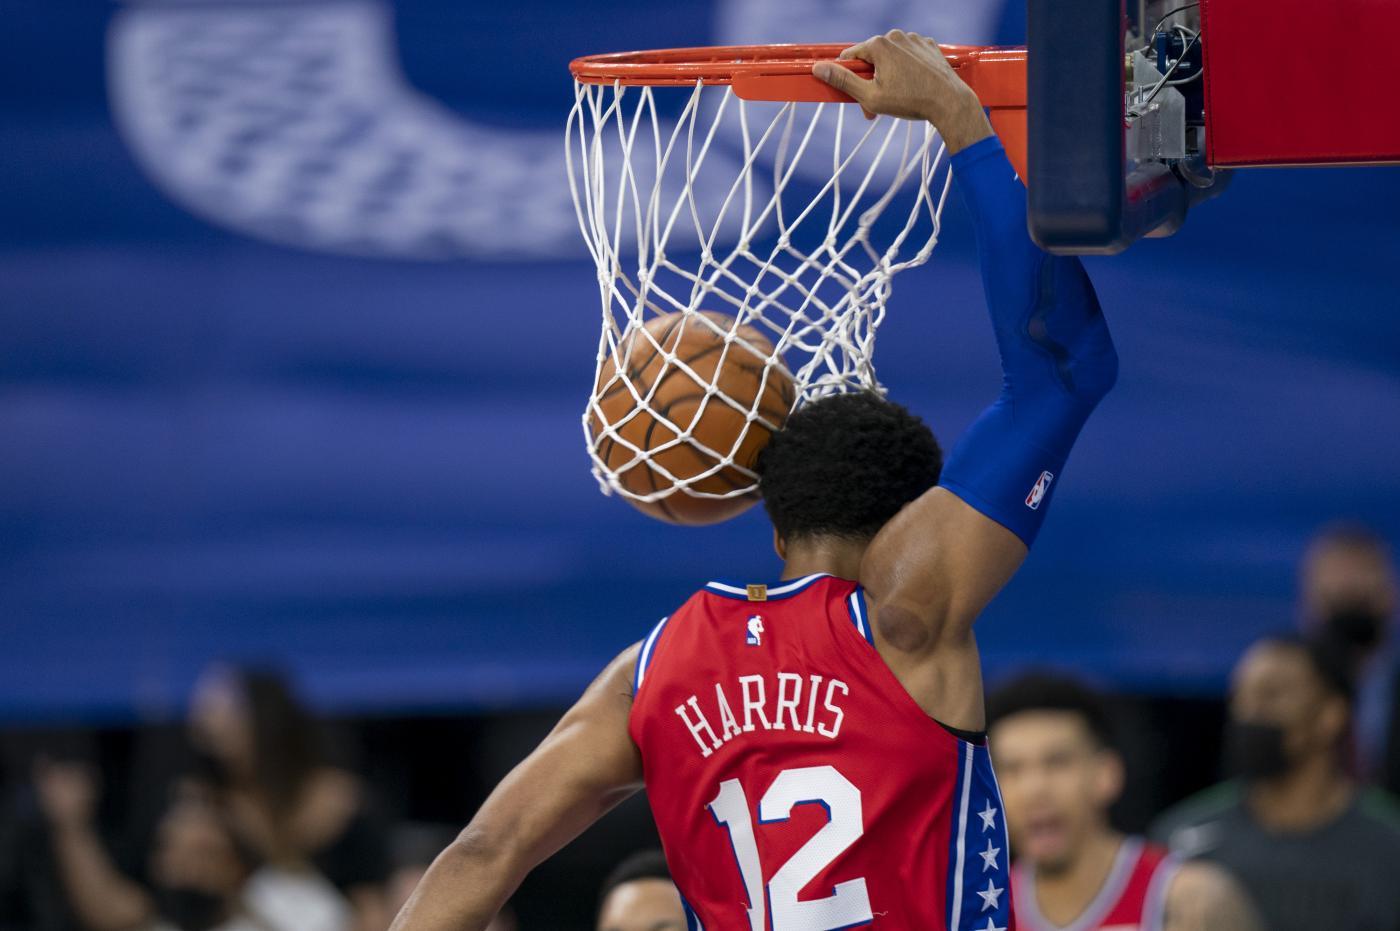 Basket, NBA 2020 2021: I 76ers battono i Lakers con un canestro allo scadere di Tobias Harris, Utah surclassa Dallas